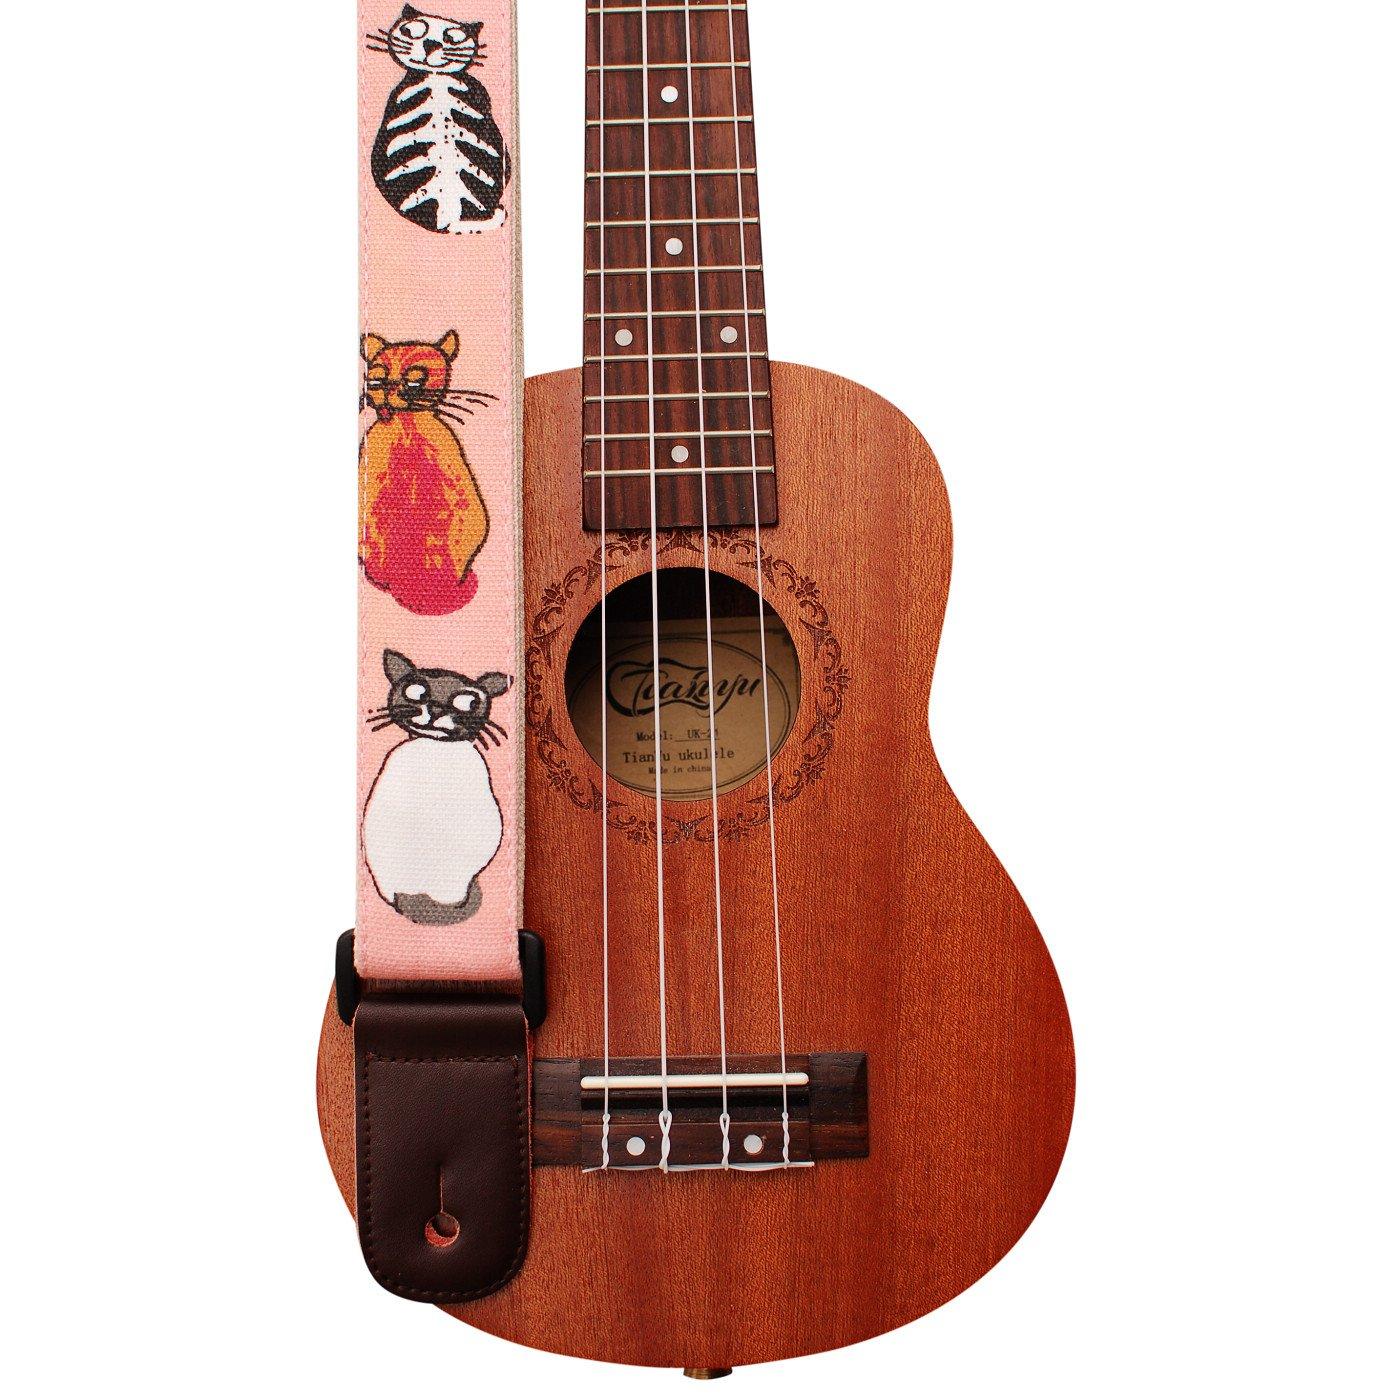 MUSIC FIRST Original Design''MISS CAT'' Soft Cotton & Genuine Leather Ukulele Strap Ukulele Shoulder Strap